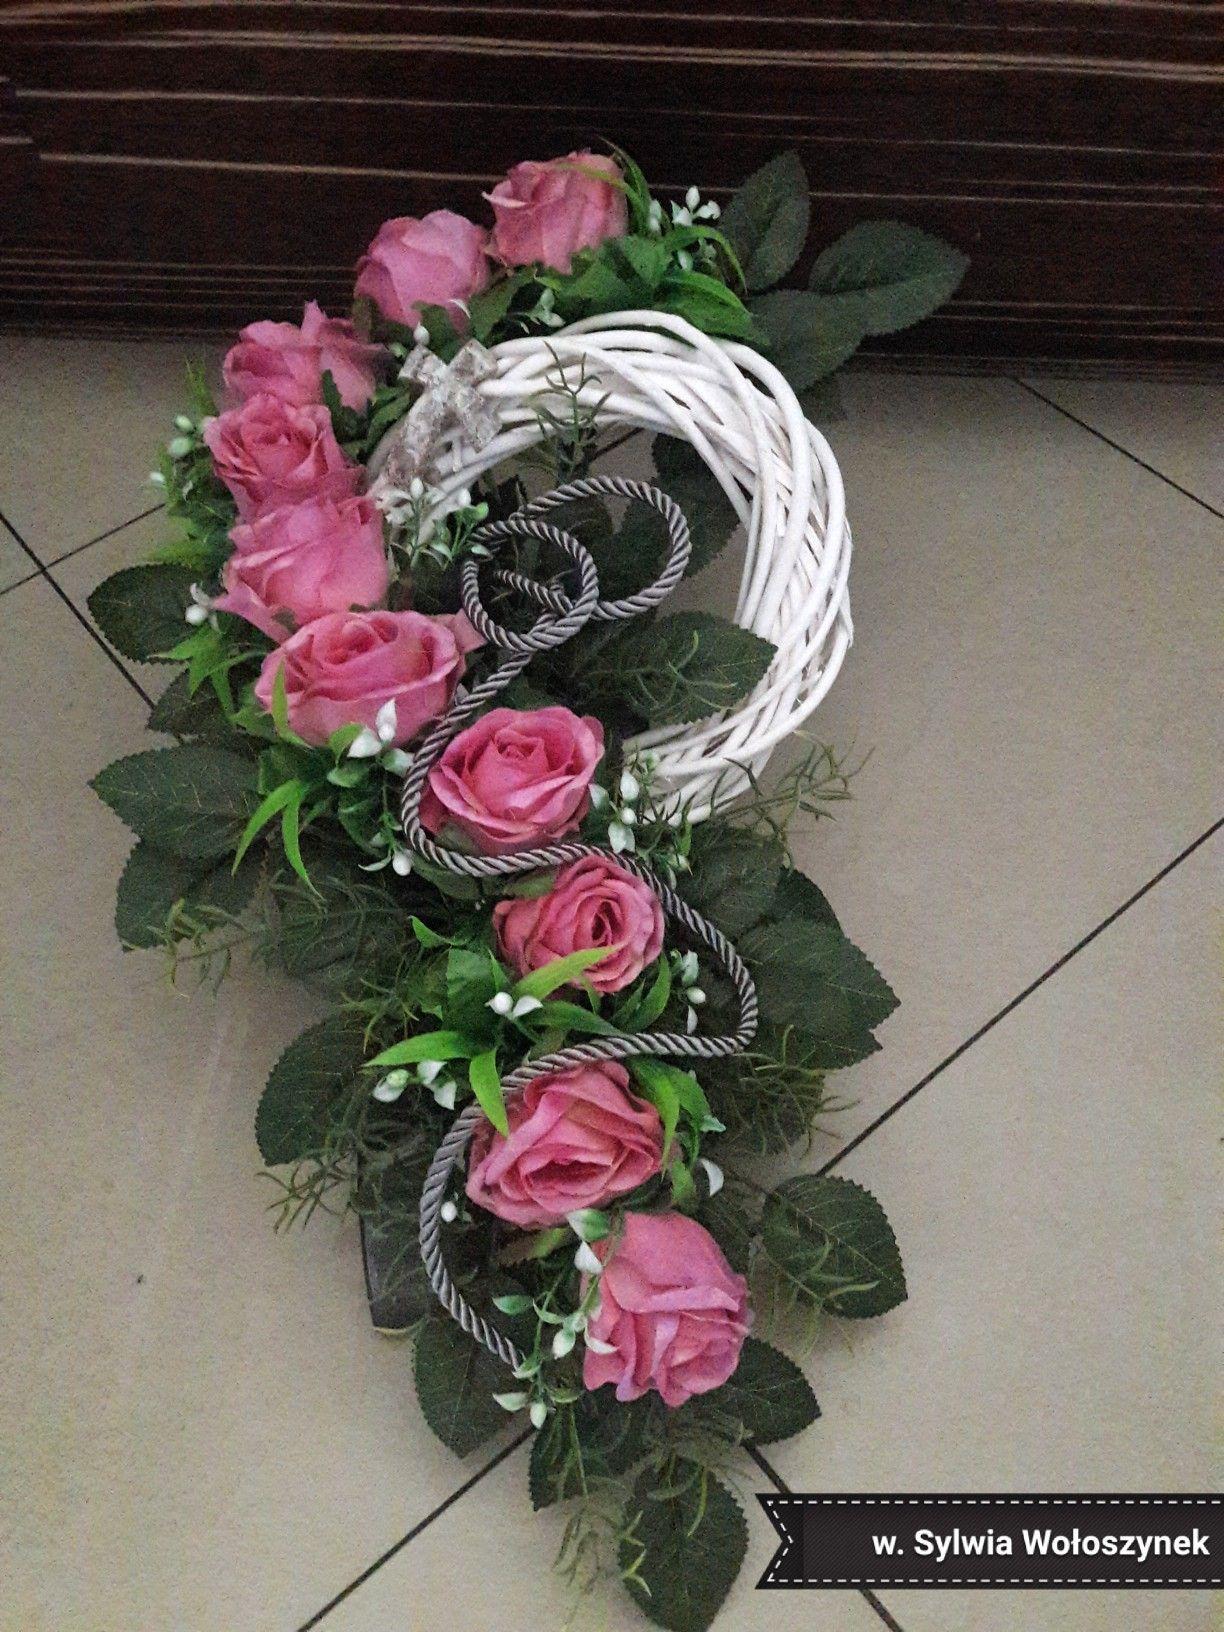 Kompozycja Nagrobna 2018r Wyk Sylwia Woloszynek Flower Arrangements Flower Decorations Beautiful Flower Arrangements